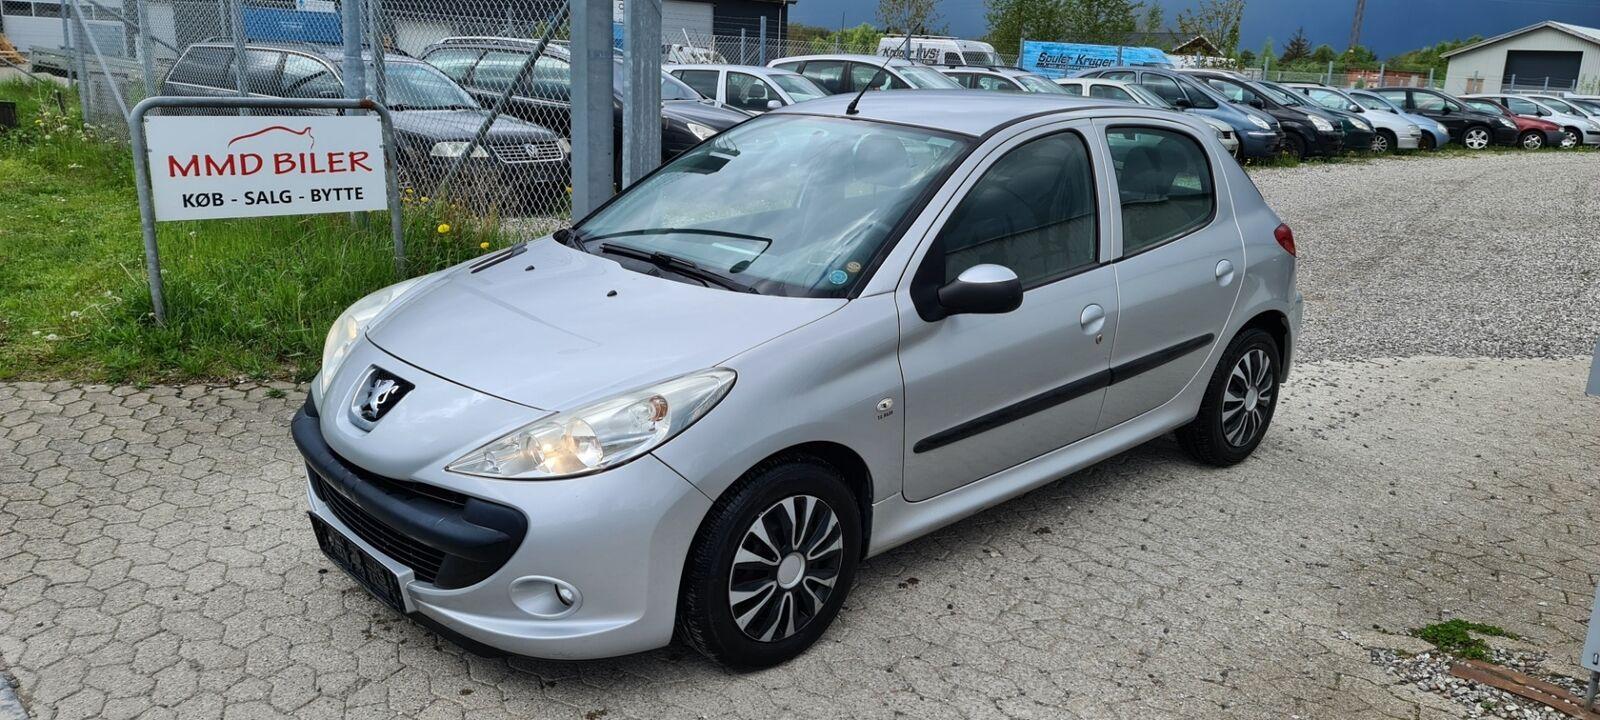 Peugeot 206+ 1,4 HDi 70 Comfort 5d - 29.900 kr.